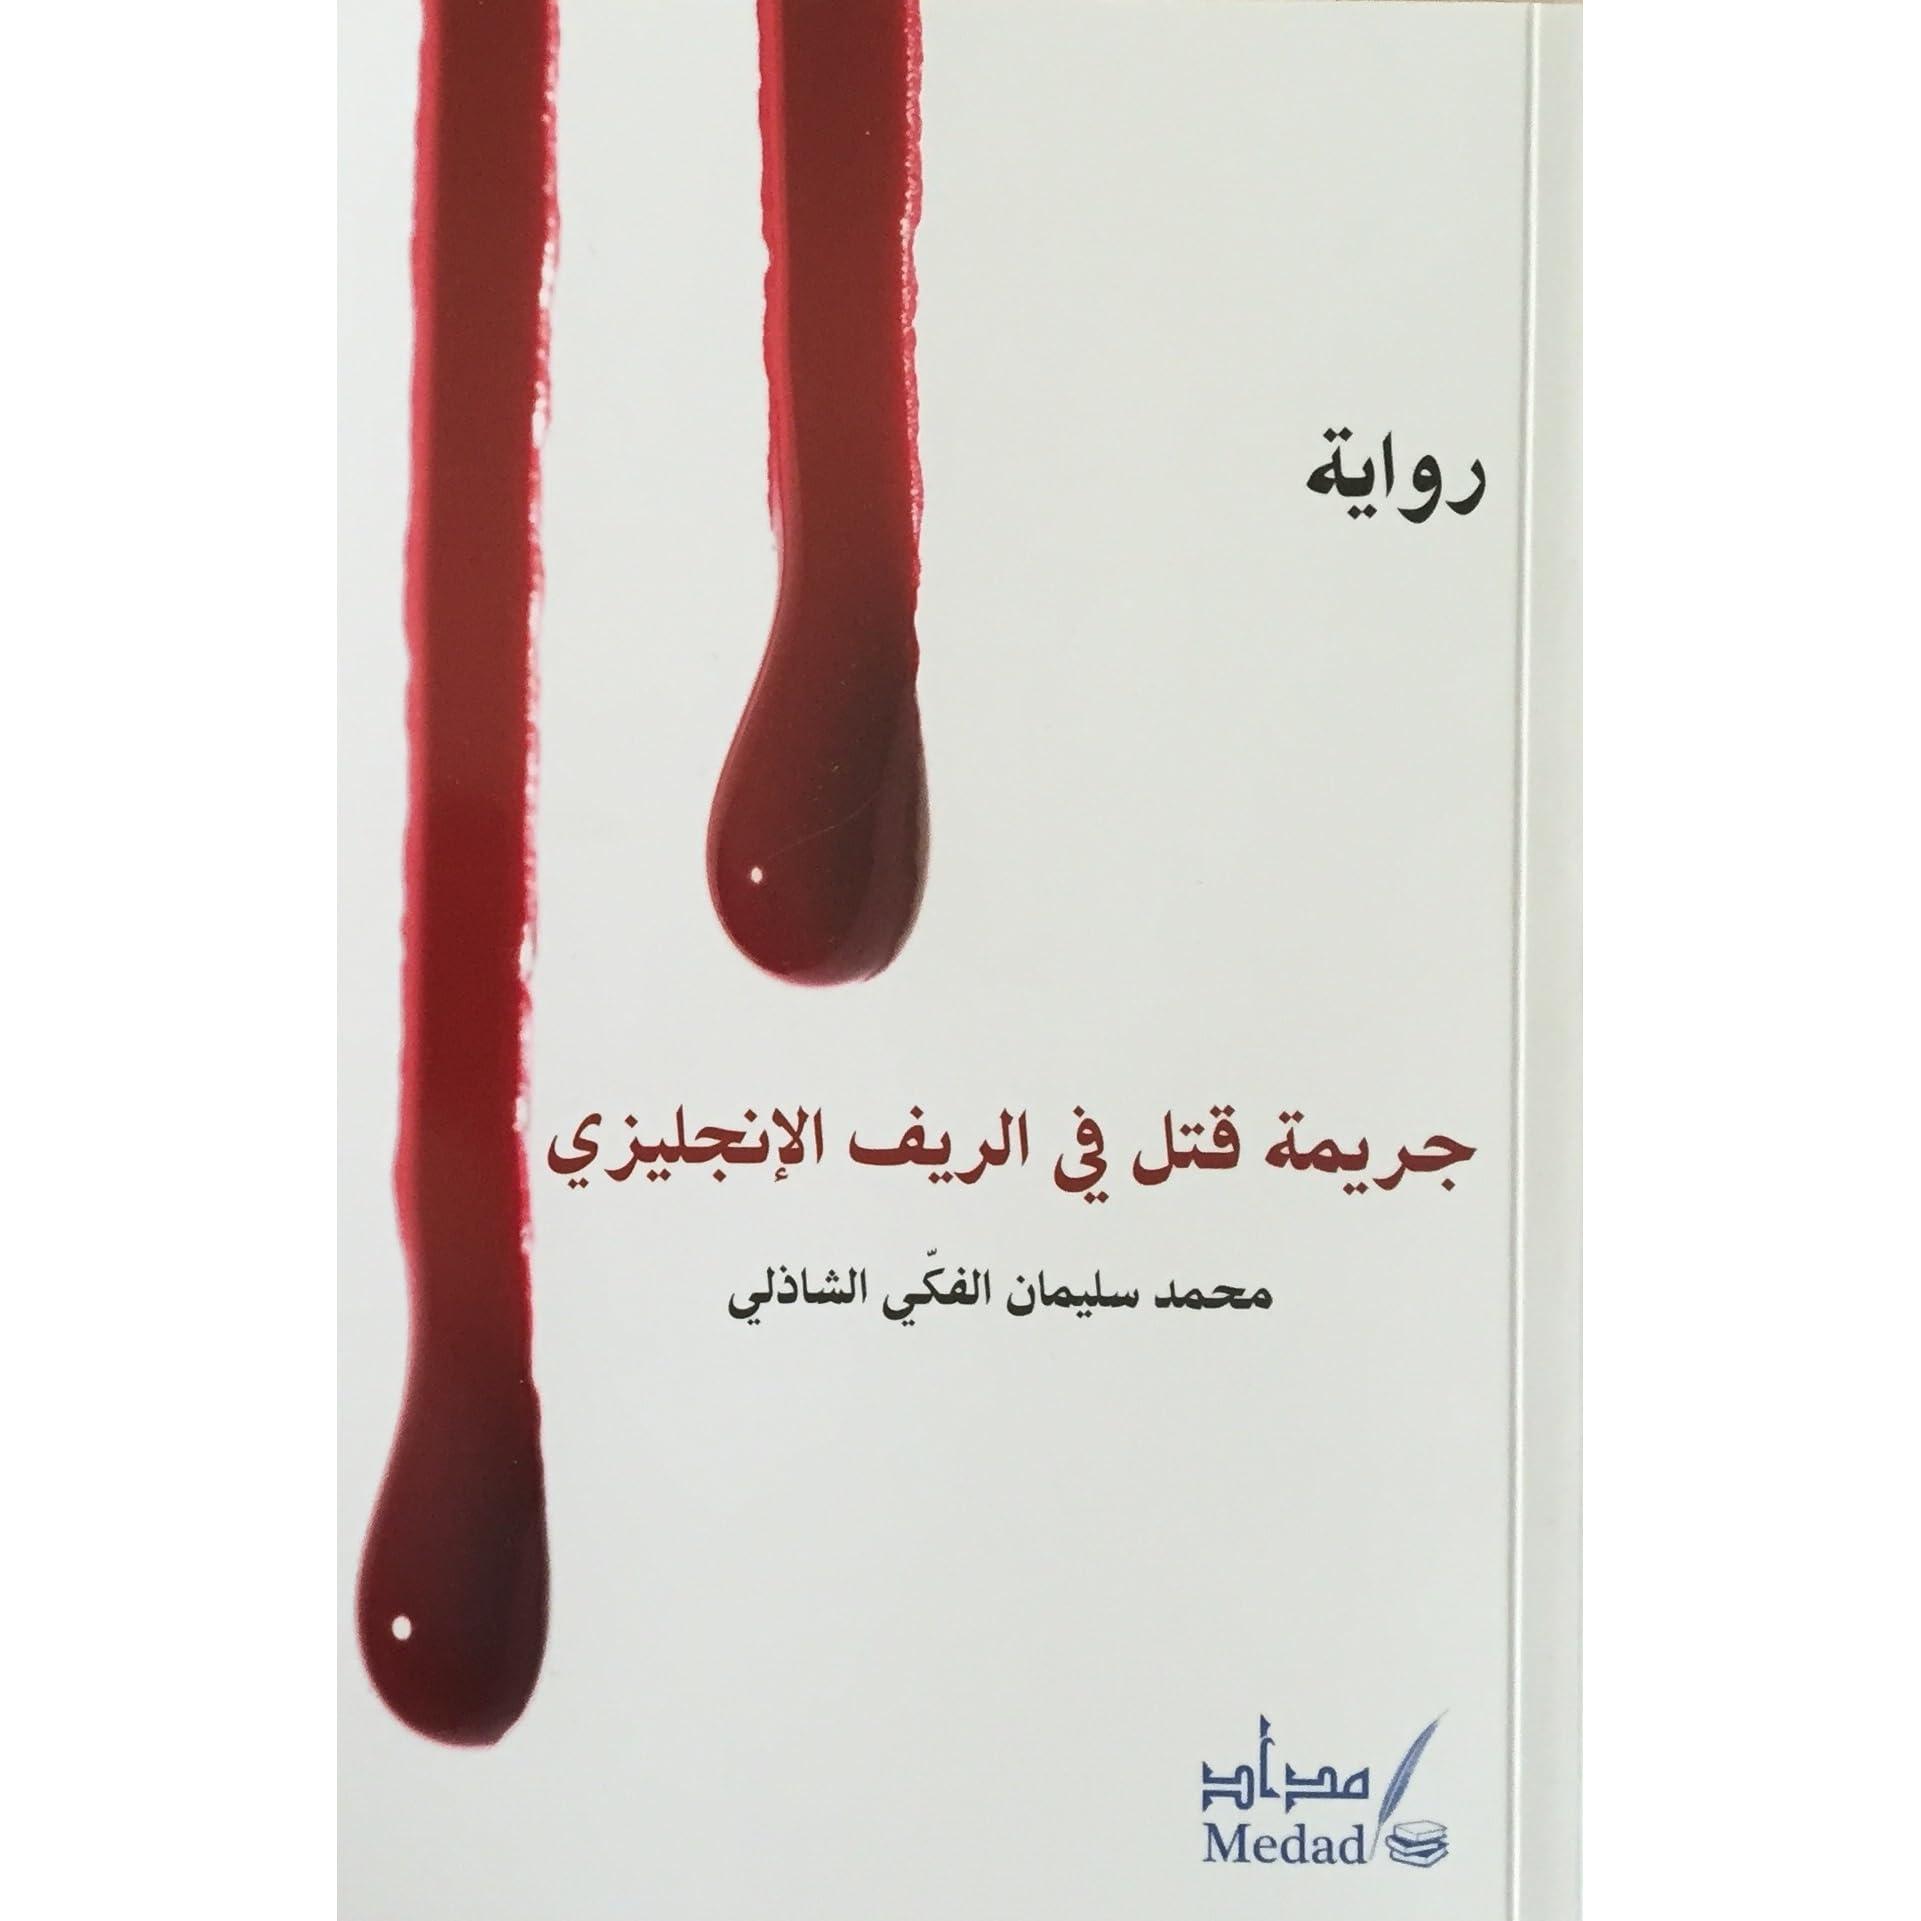 جريمة قتل في الريف الإنجليزي By محمد سليمان الفكي الشاذلي